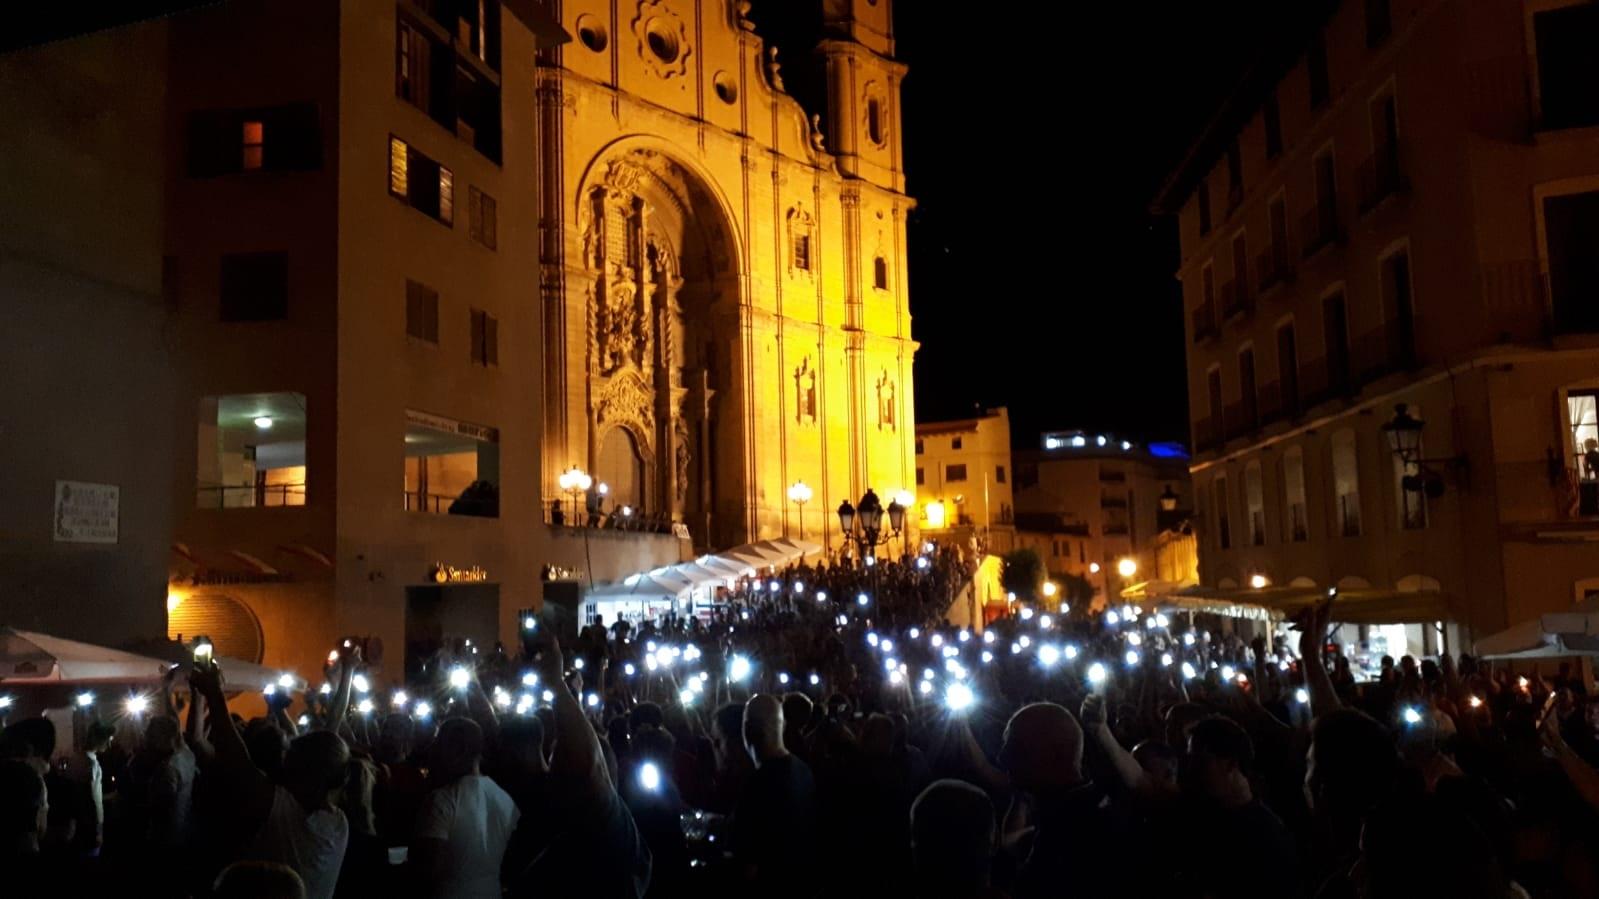 Decenas de móviles iluminando anoche la plaza de España. JAVIER VILCHEZ